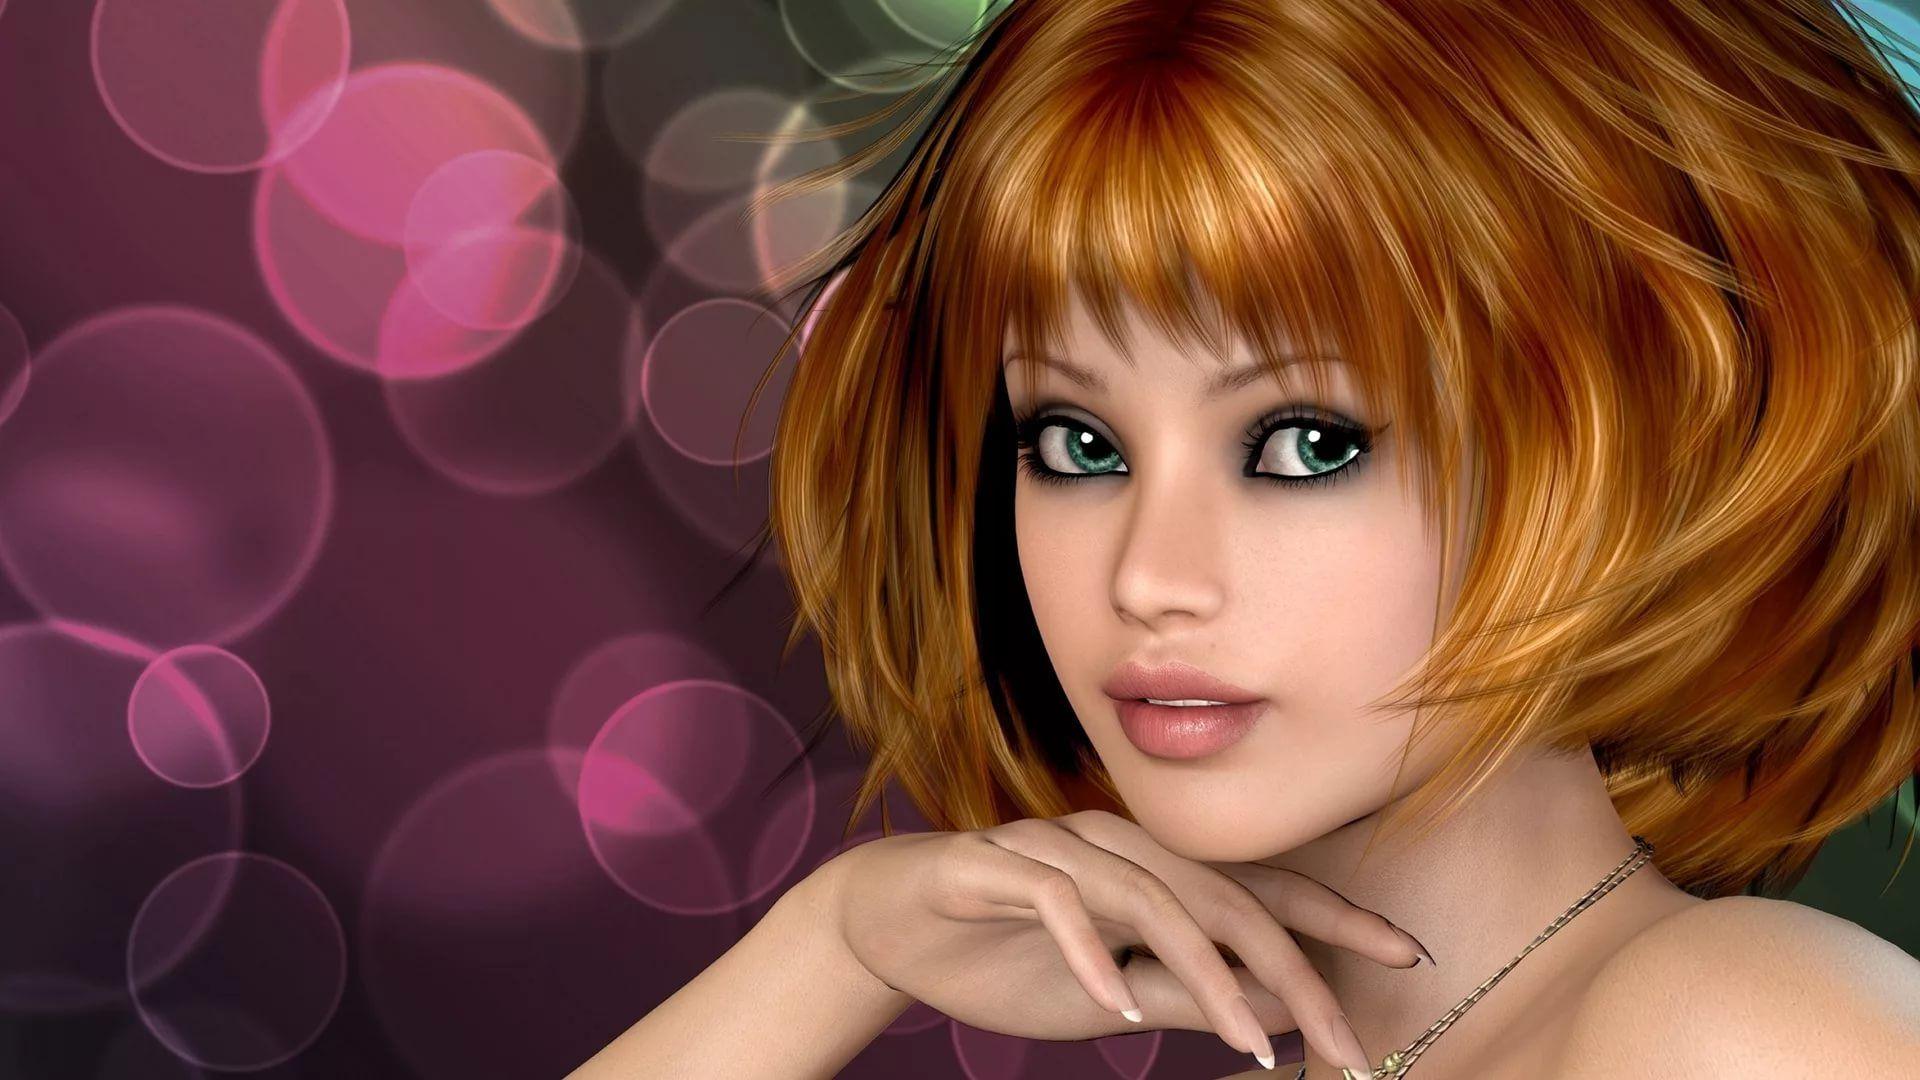 D Girl Background Wallpaper HD